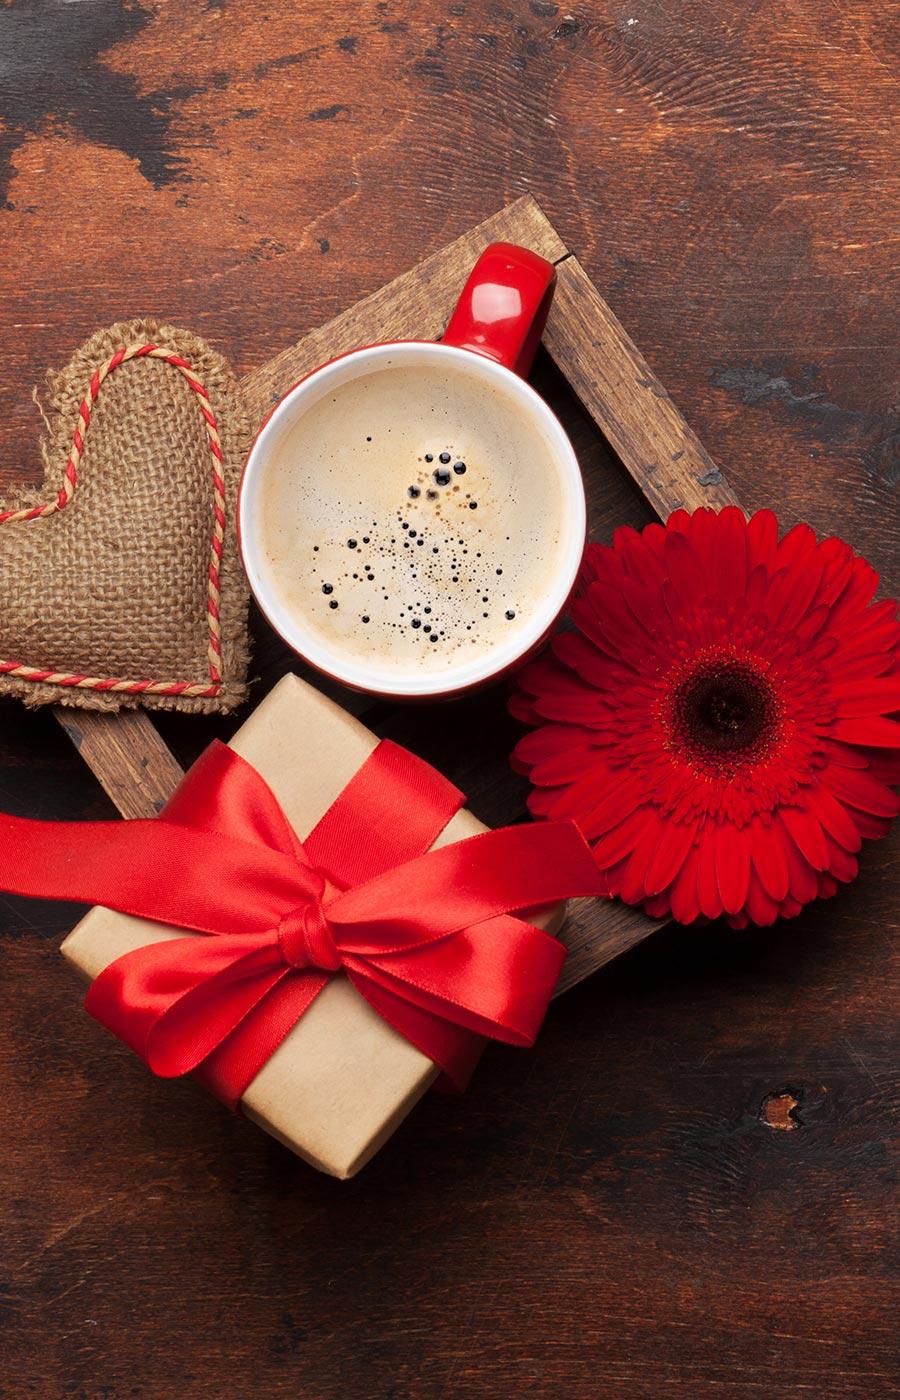 Gutscheine schenken in unseren Onlineshop für Frühstück, essen und trinken, Kaffee und Kuchen